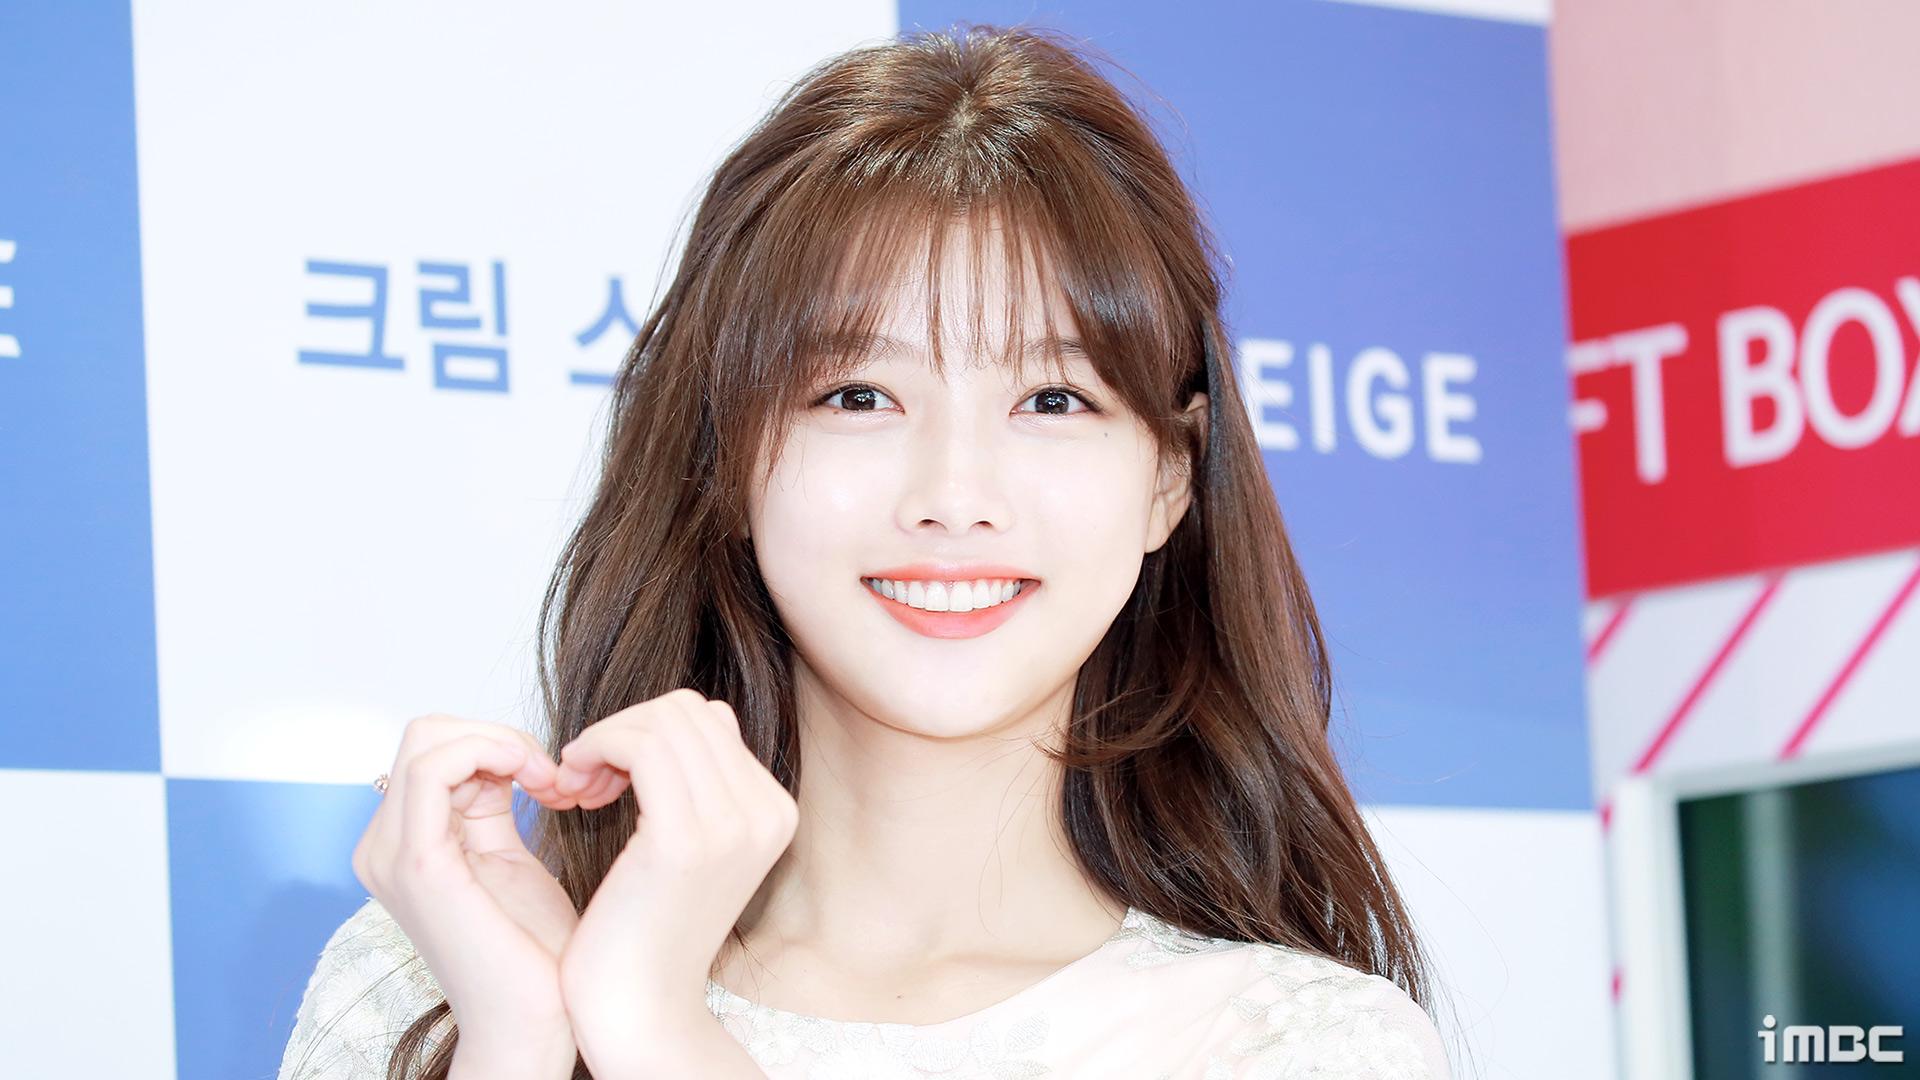 [M픽] 김유정, 꽉 찬 예쁨이 흘러넘치는 미모